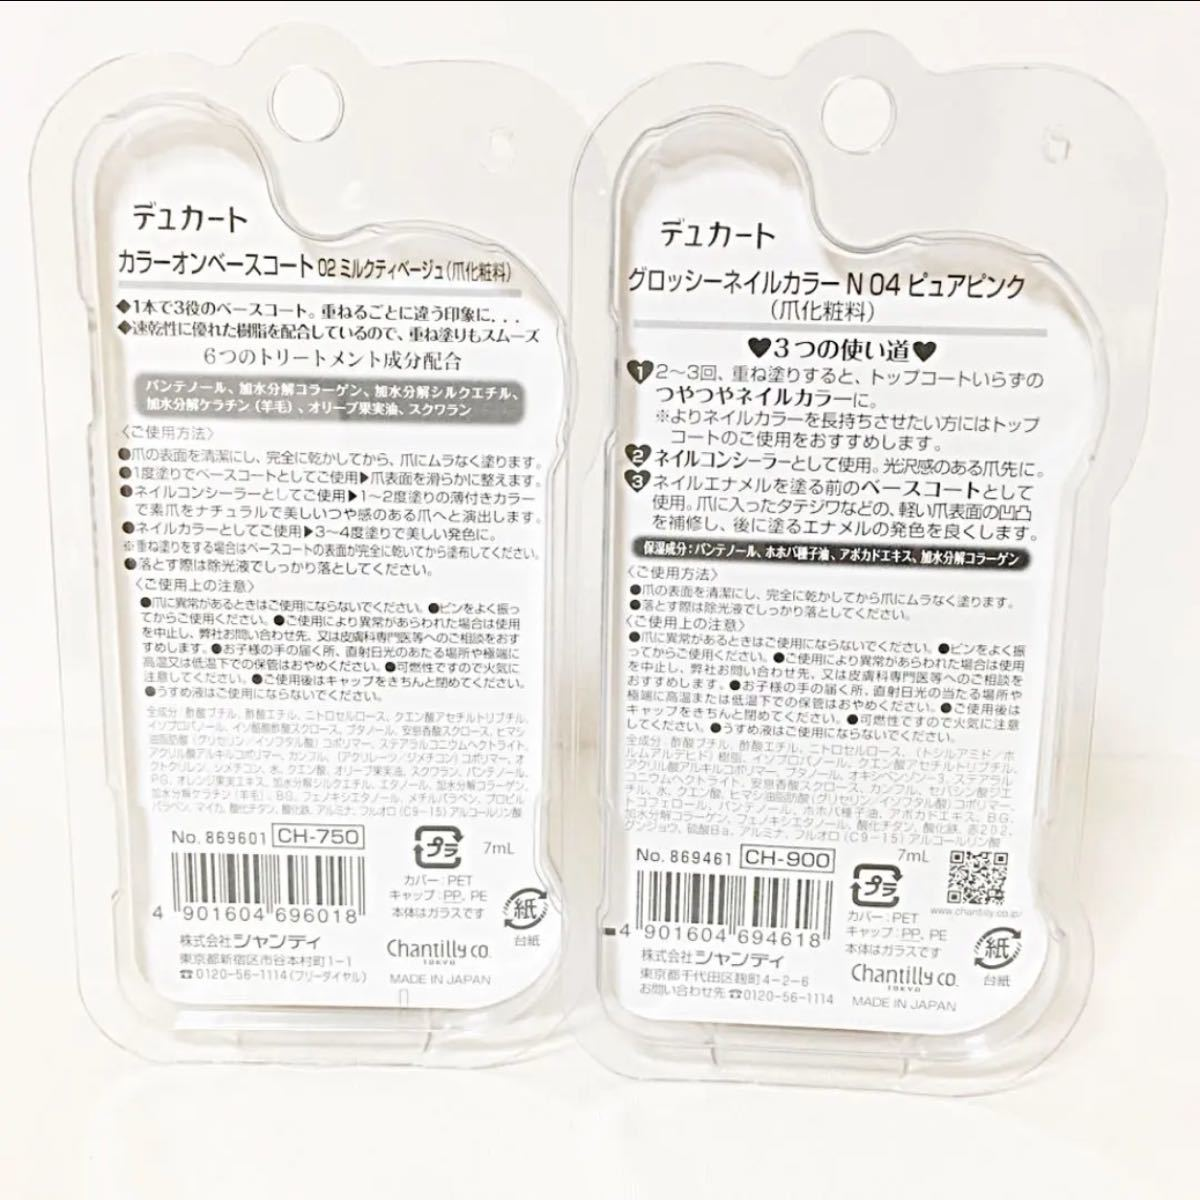 ★新品・未使用★ Ducato ネイルカラー/キューティクルオイル  4本セット (1)